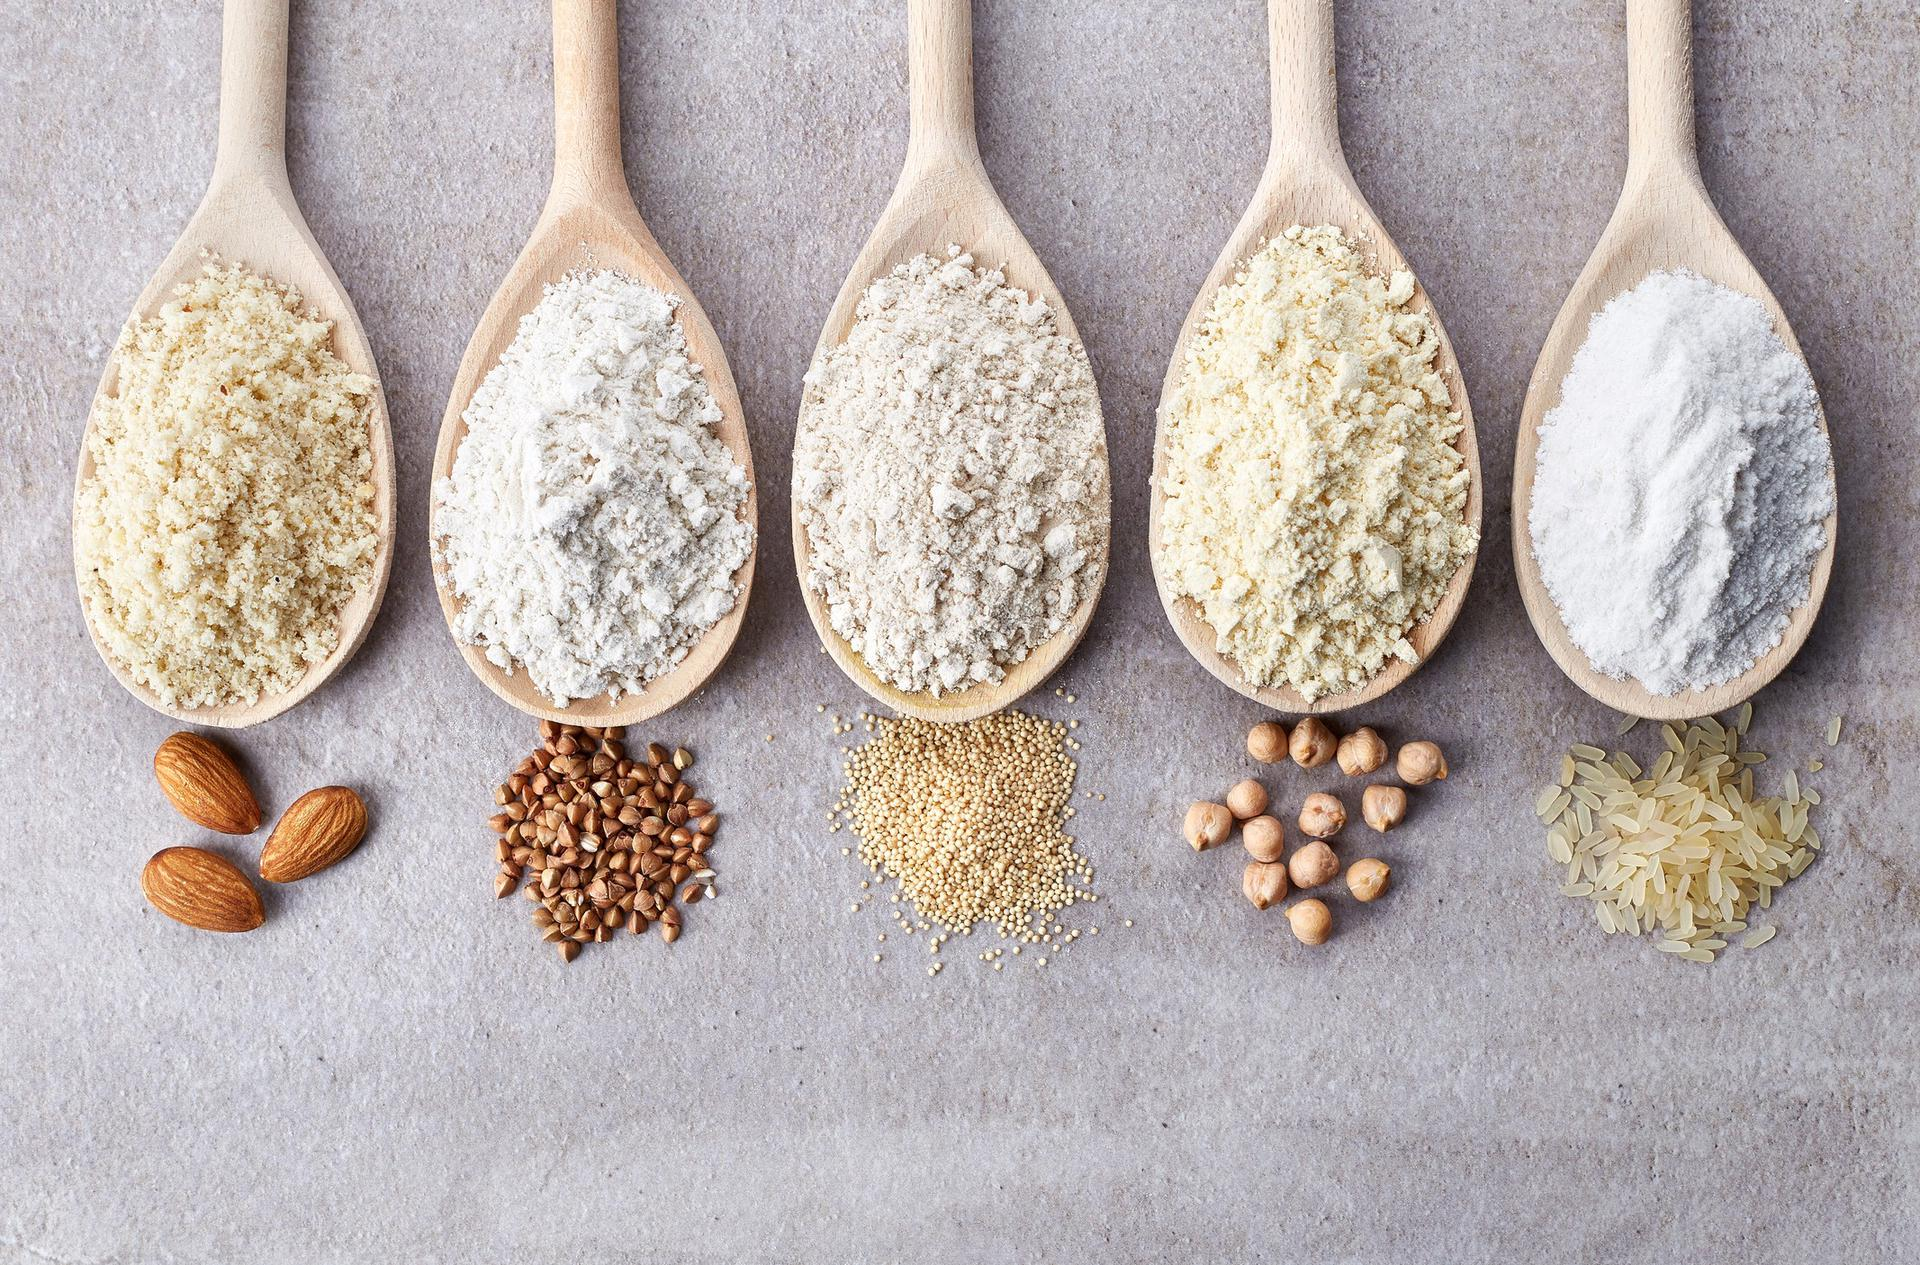 Chleb bez glutenu - biały i ciemny - bezglutenowe mieszanki mąk - jak mieszać, żeby wyszło.